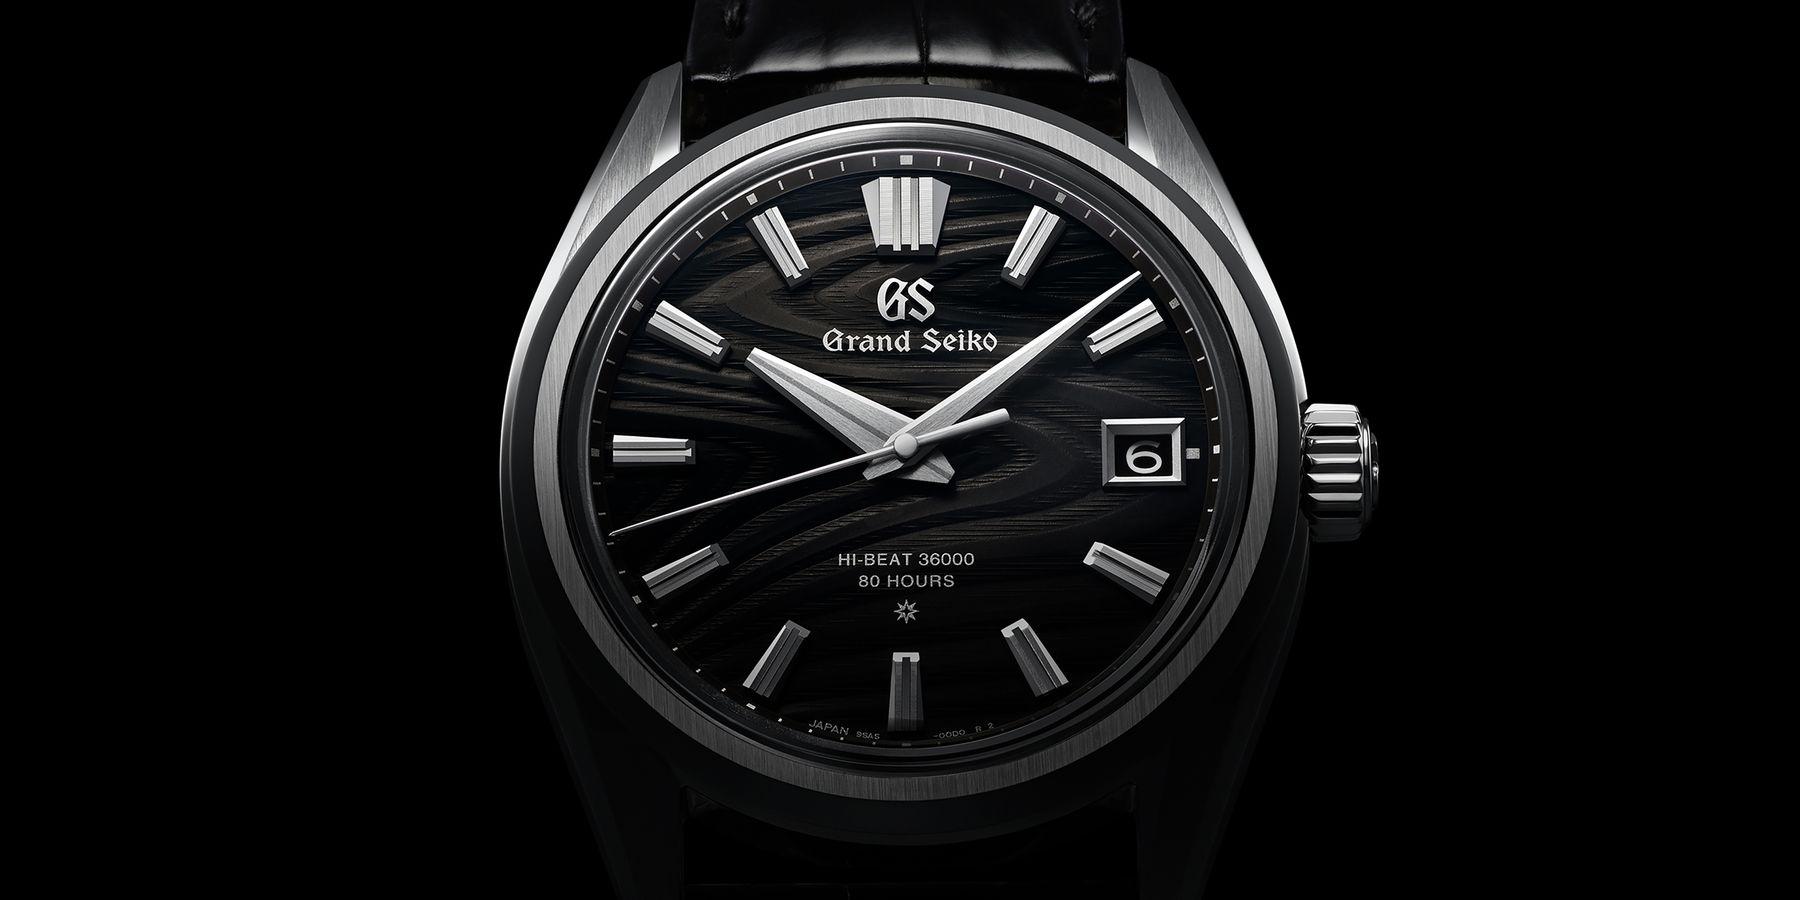 【2021線上錶展】時間本質,精神體現:GS Heritage Collection Seiko 140週年限量版